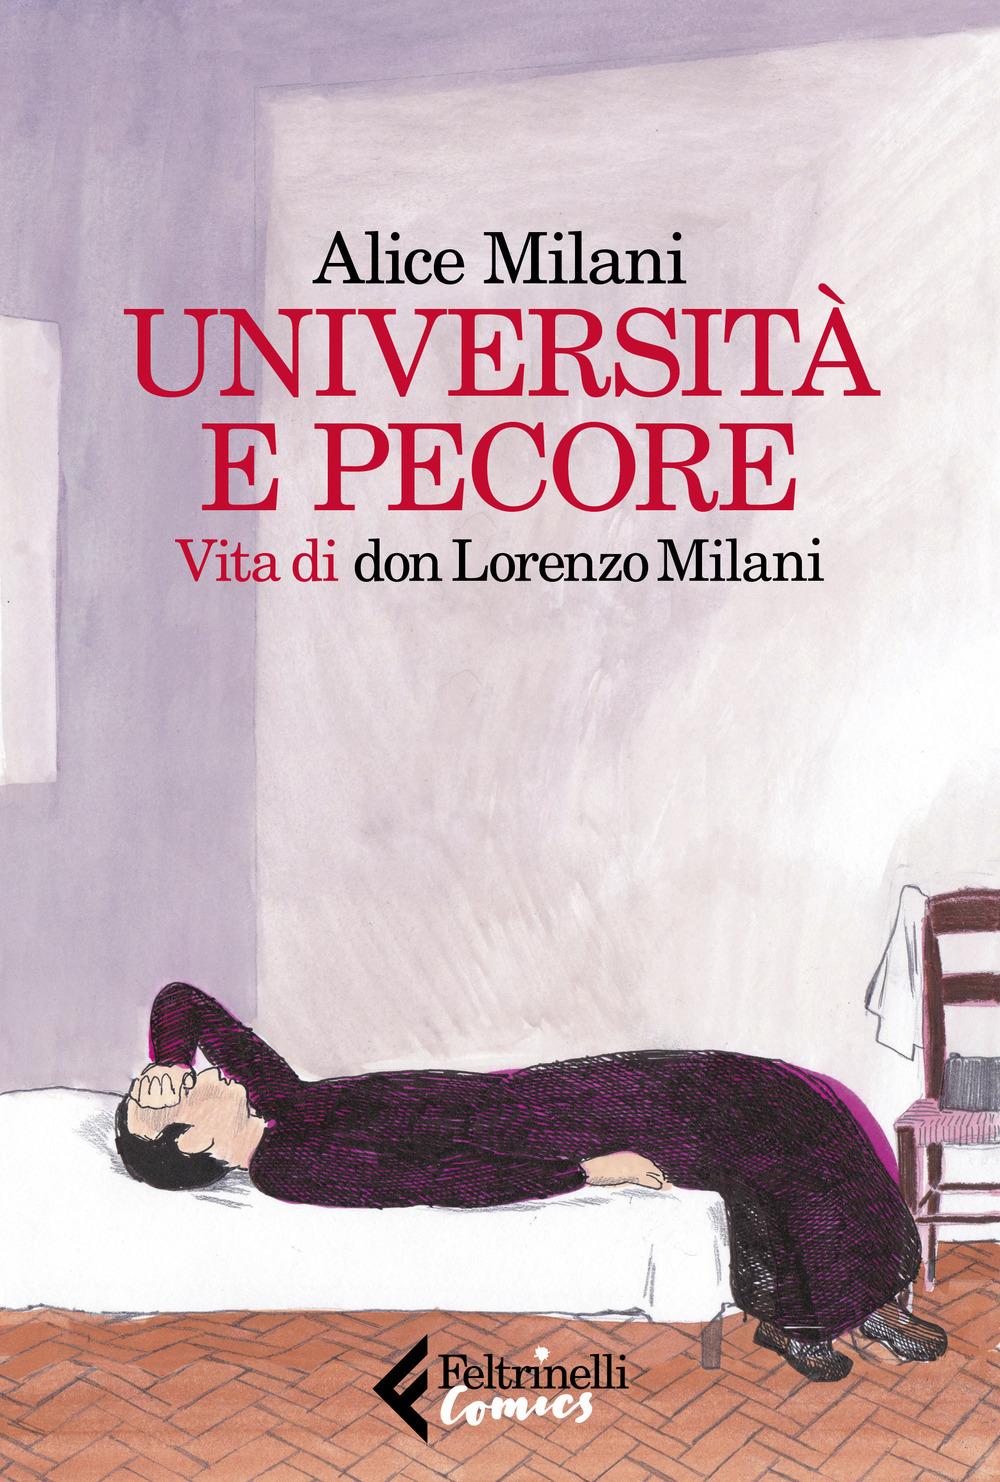 Libri Alice Milani - Universita E Pecore. Vita Di Don Lorenzo Milani NUOVO SIGILLATO, EDIZIONE DEL 17/10/2019 SUBITO DISPONIBILE